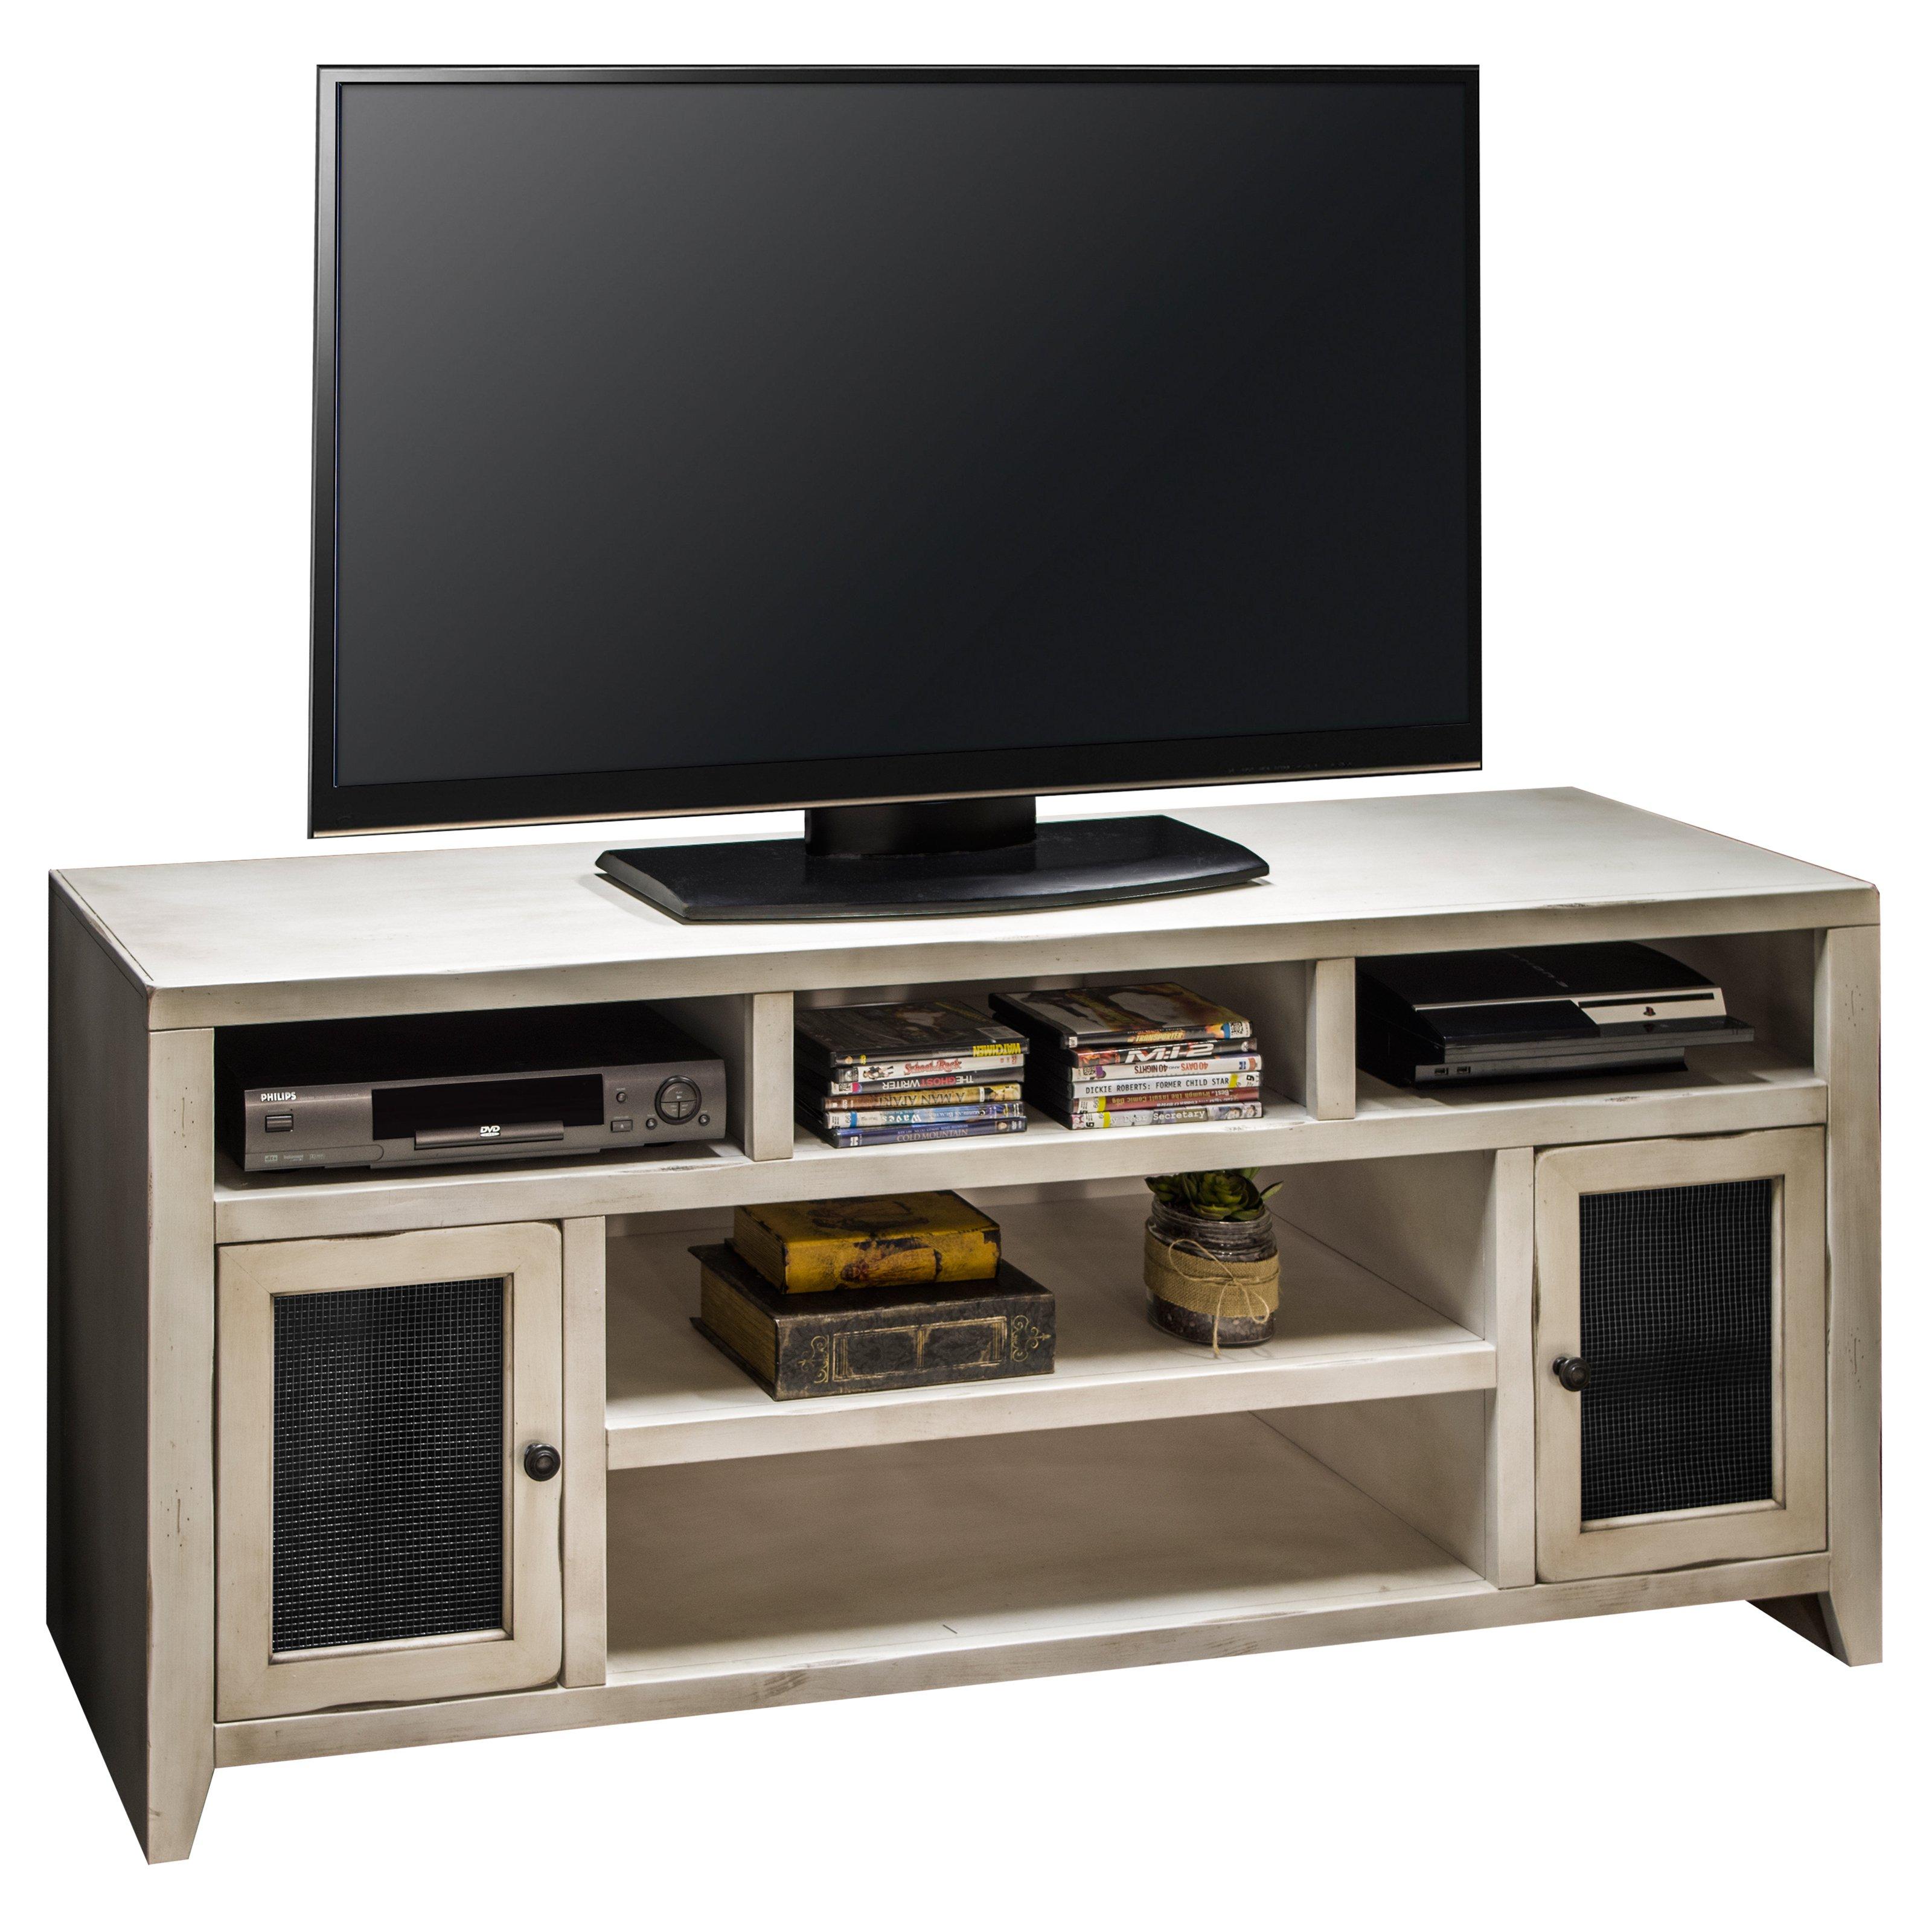 Legends Furniture Calistoga 66 in TV Console Walmart